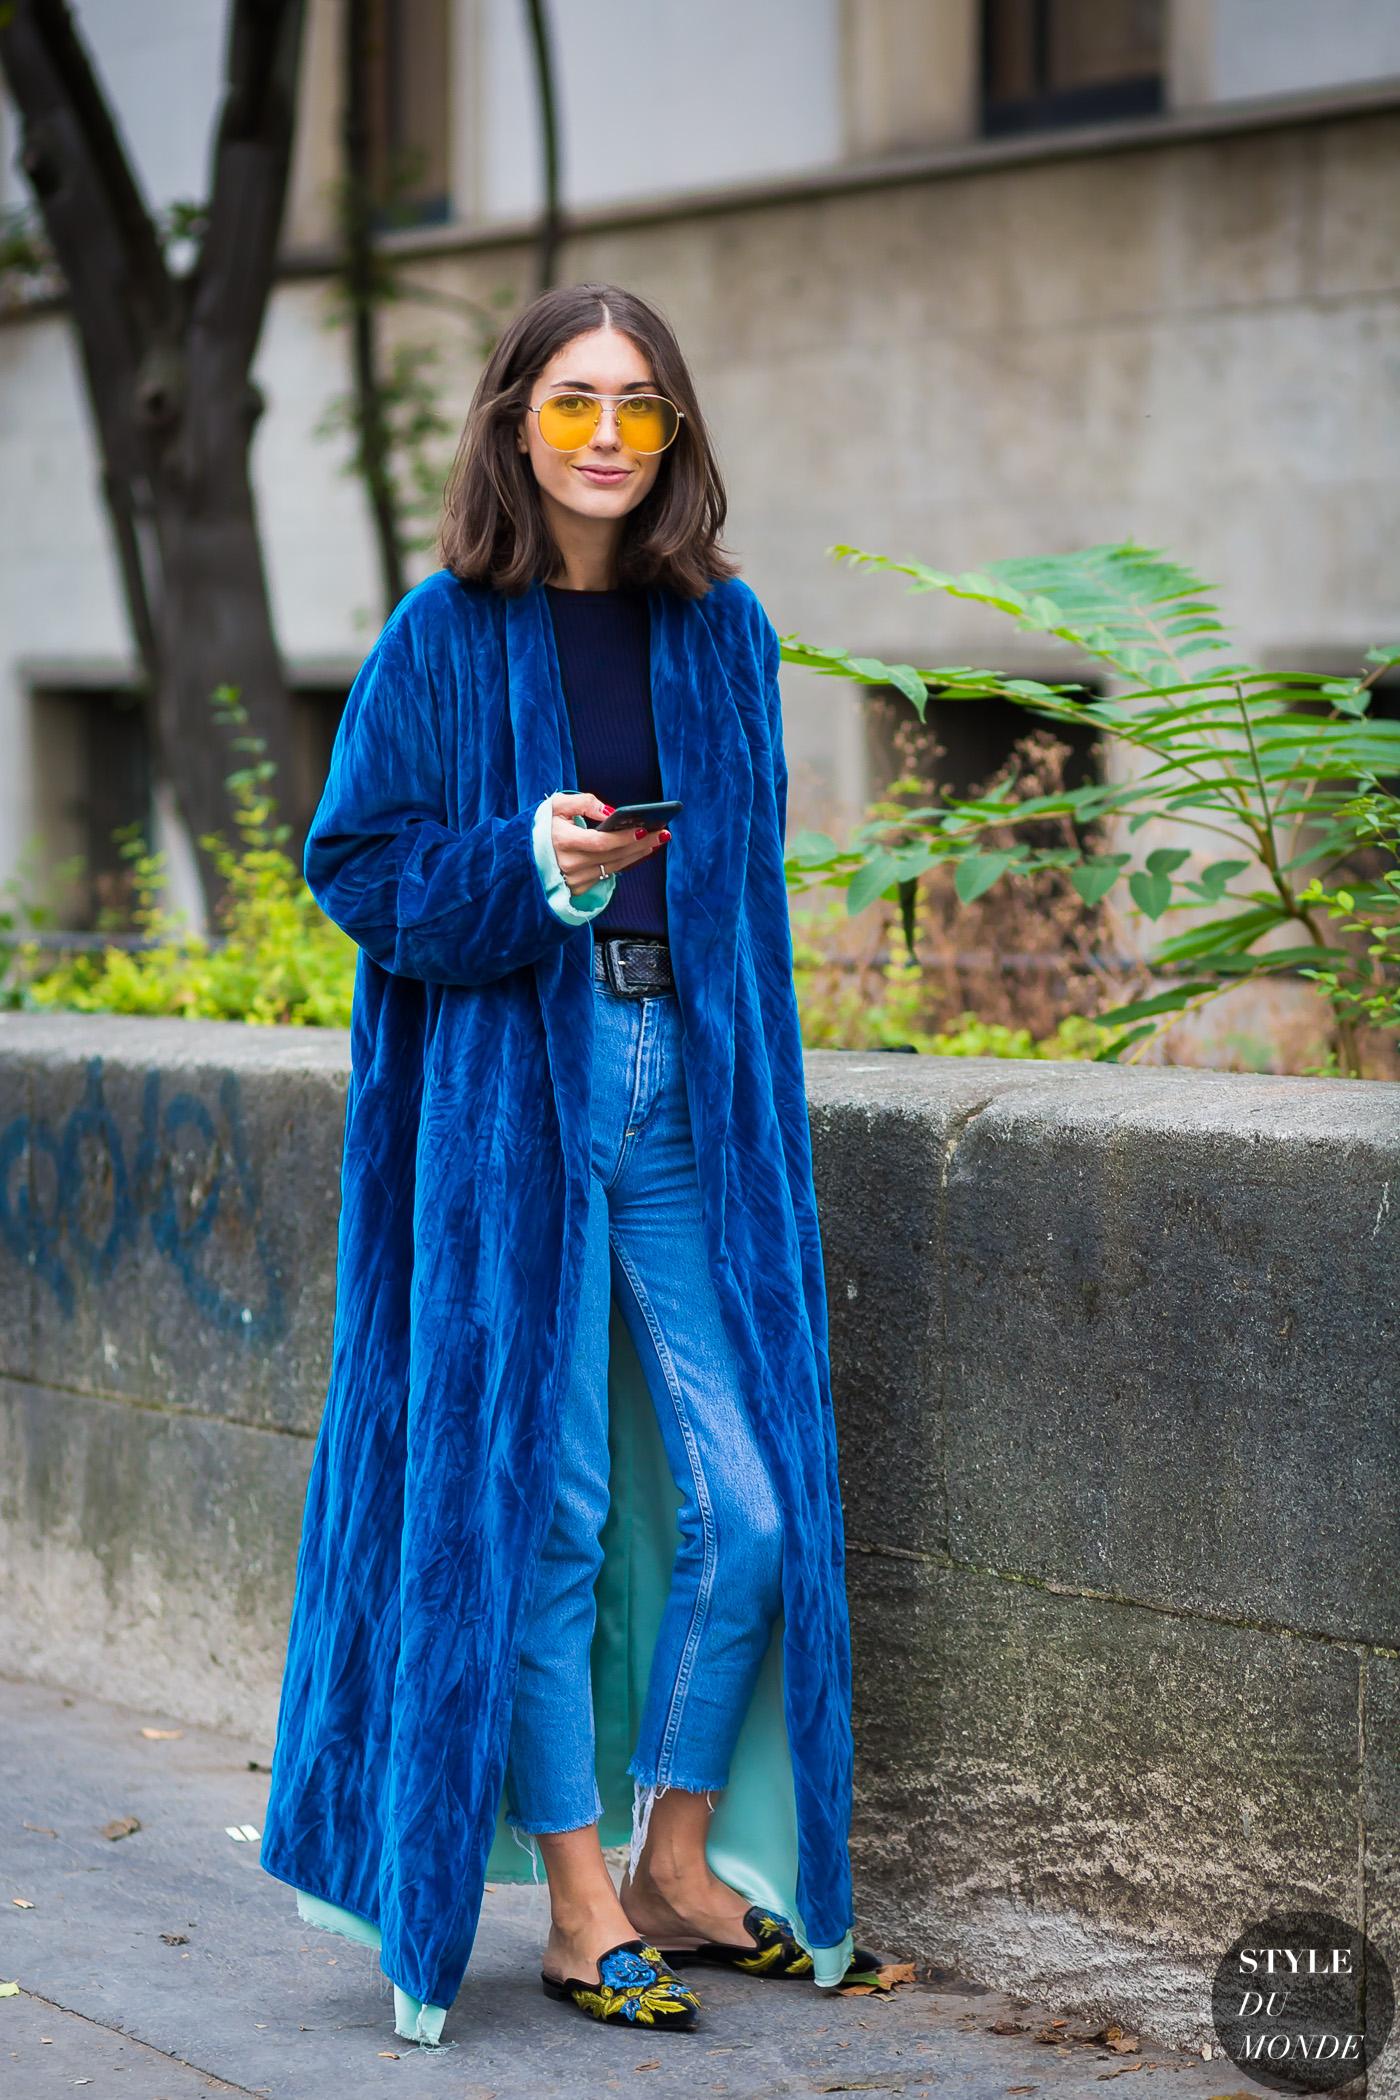 trang phục màu xanh navy kết hợp với mắt kính vàng tương phản